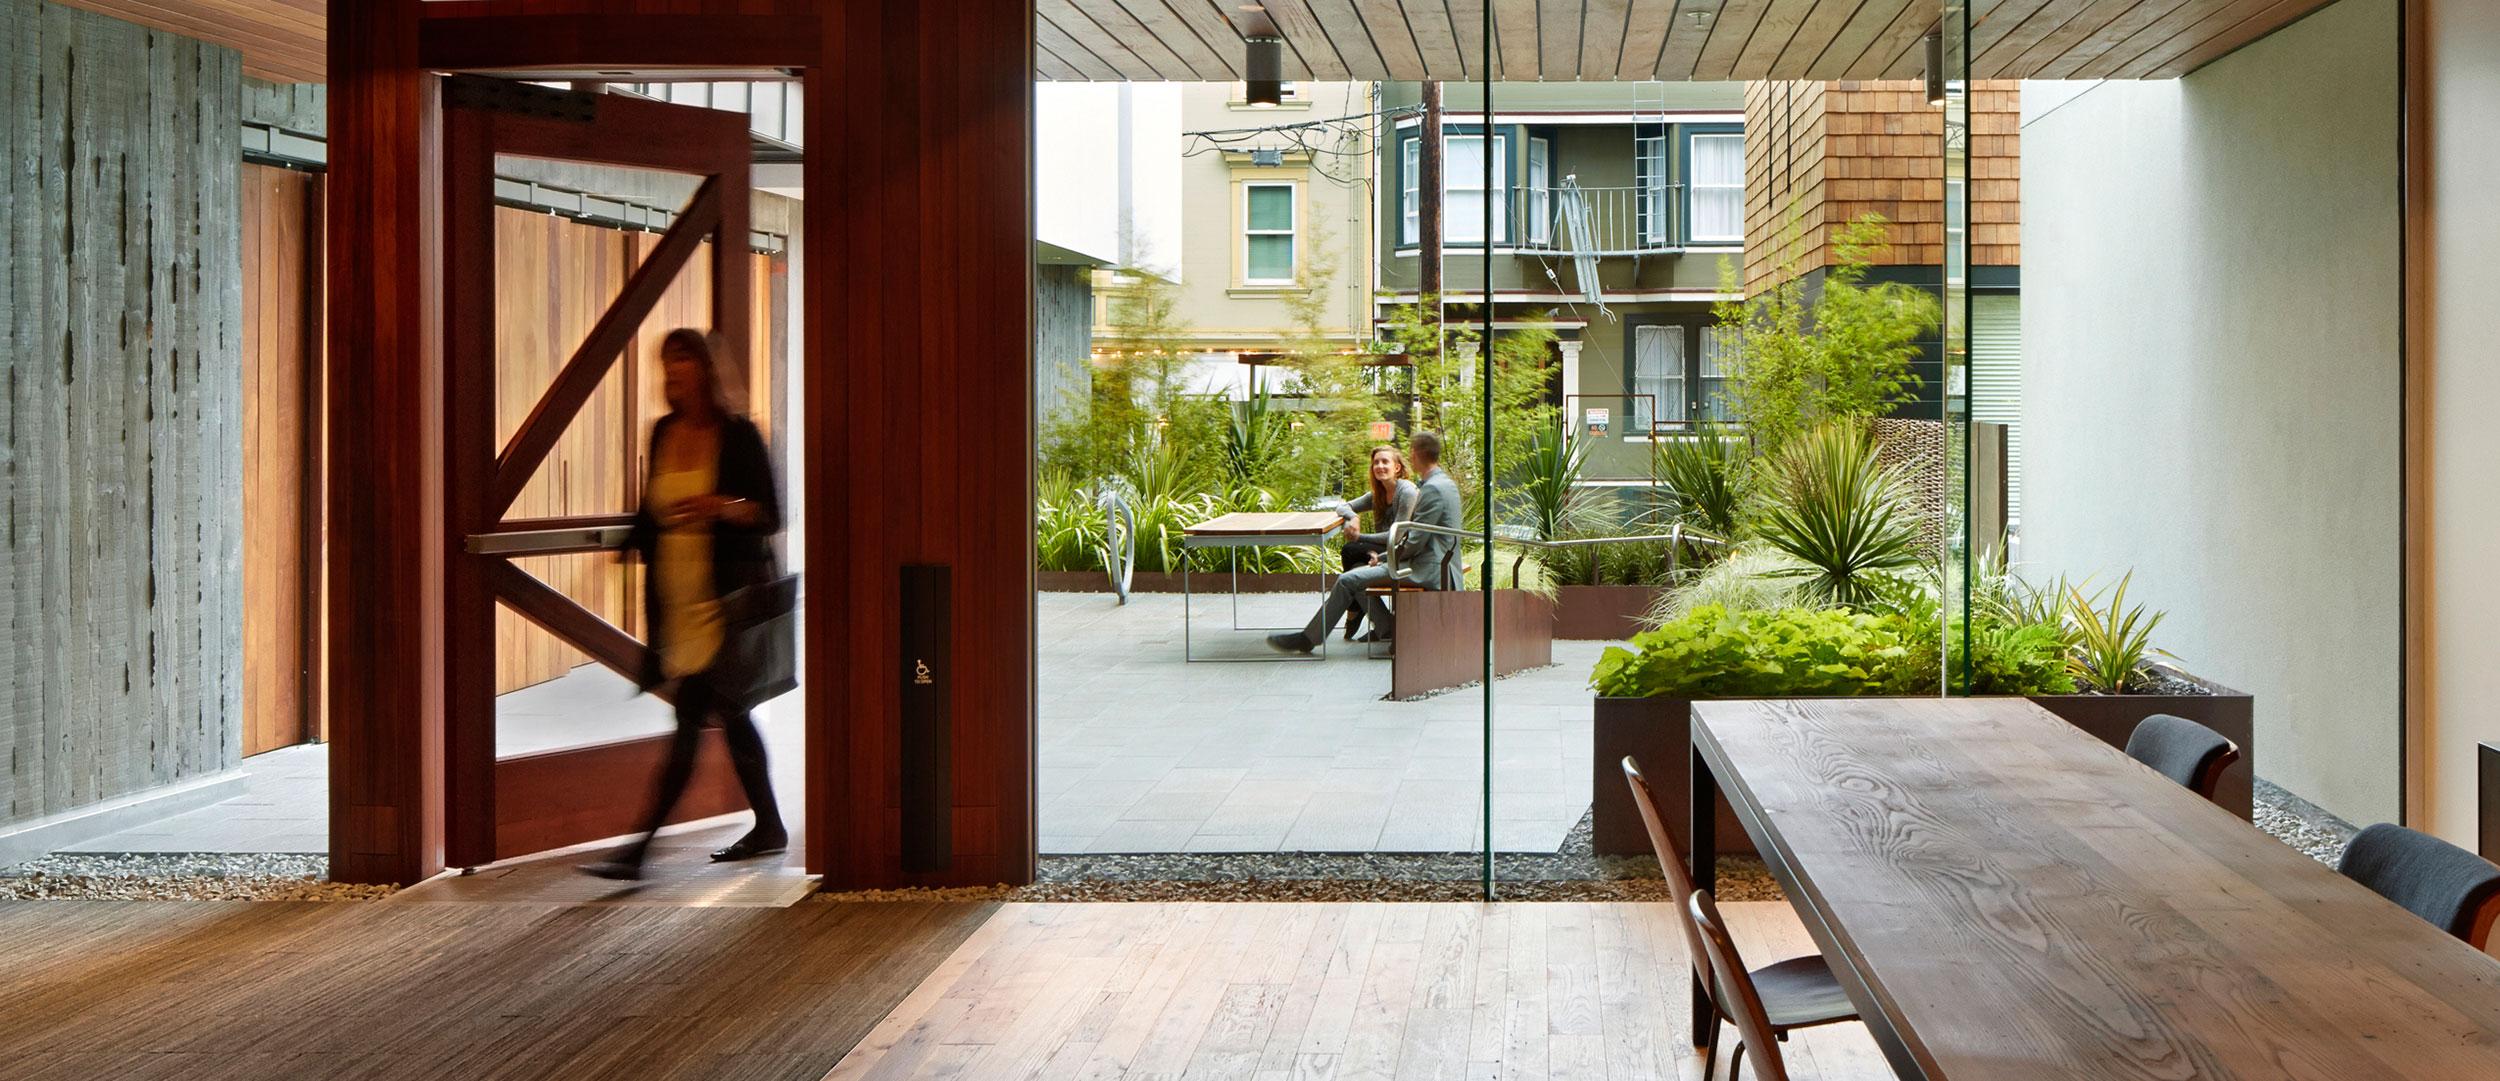 300 Ivy - San Francisco, CA